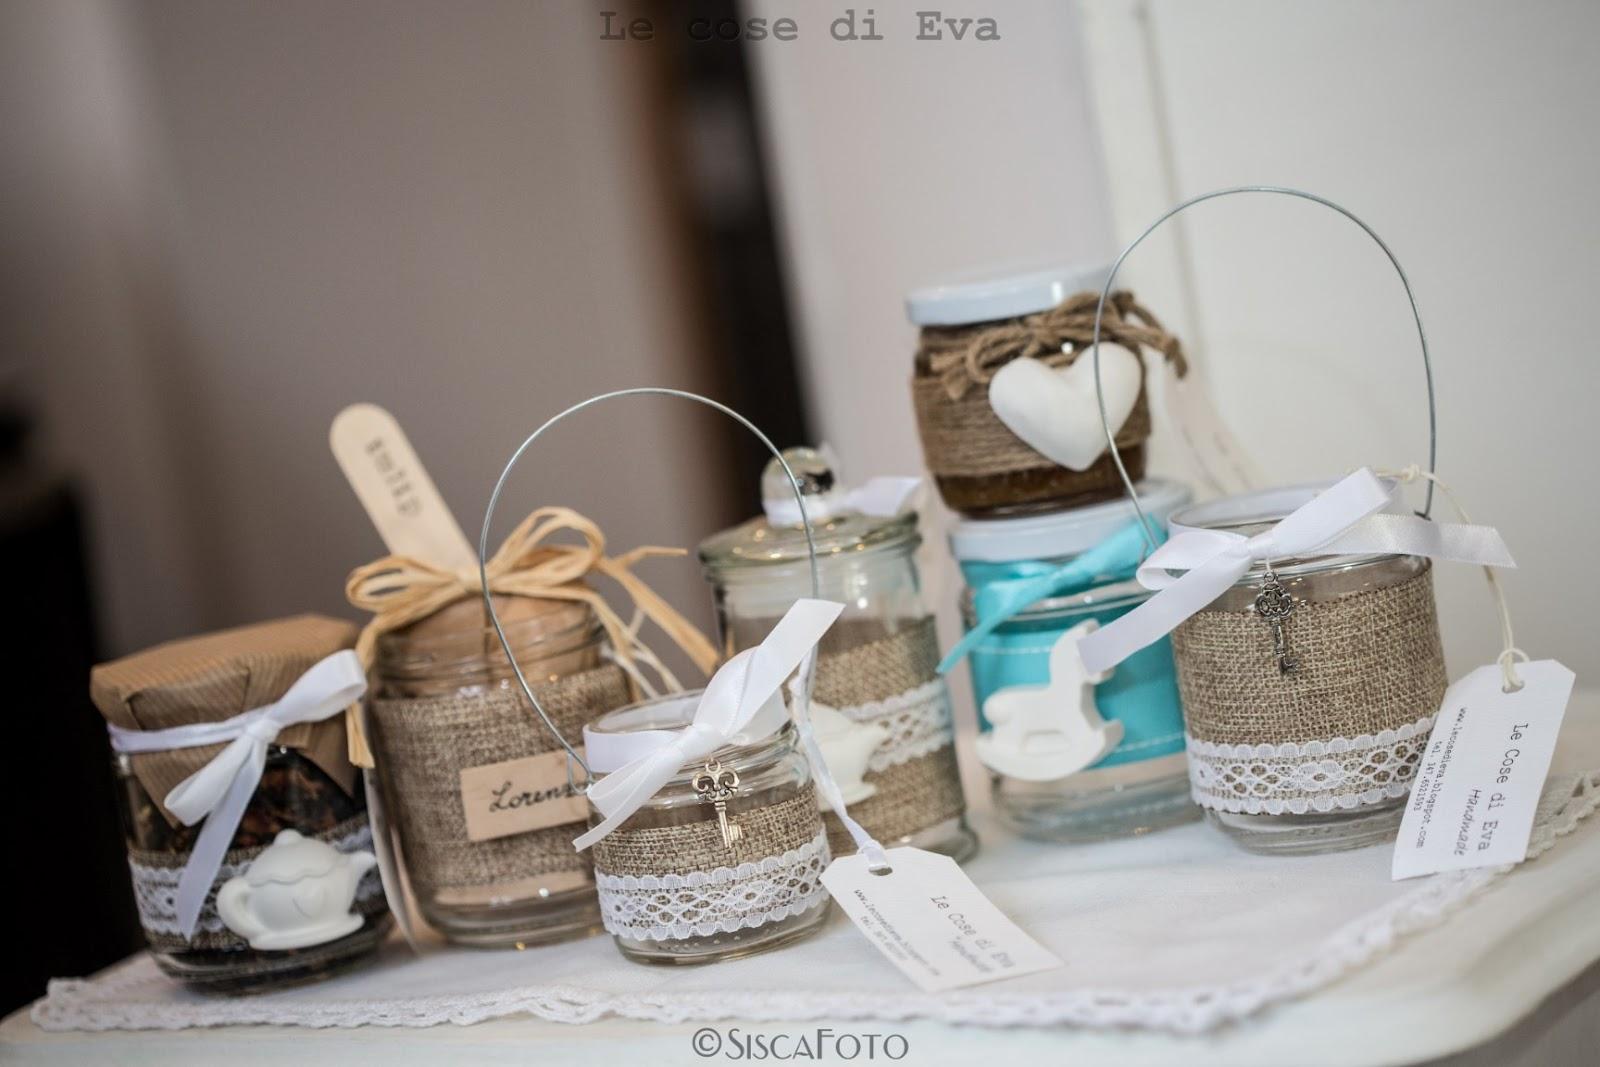 Matrimonio Country Chic Bomboniere : Le cose di eva quando la fotografia incontra l handmade